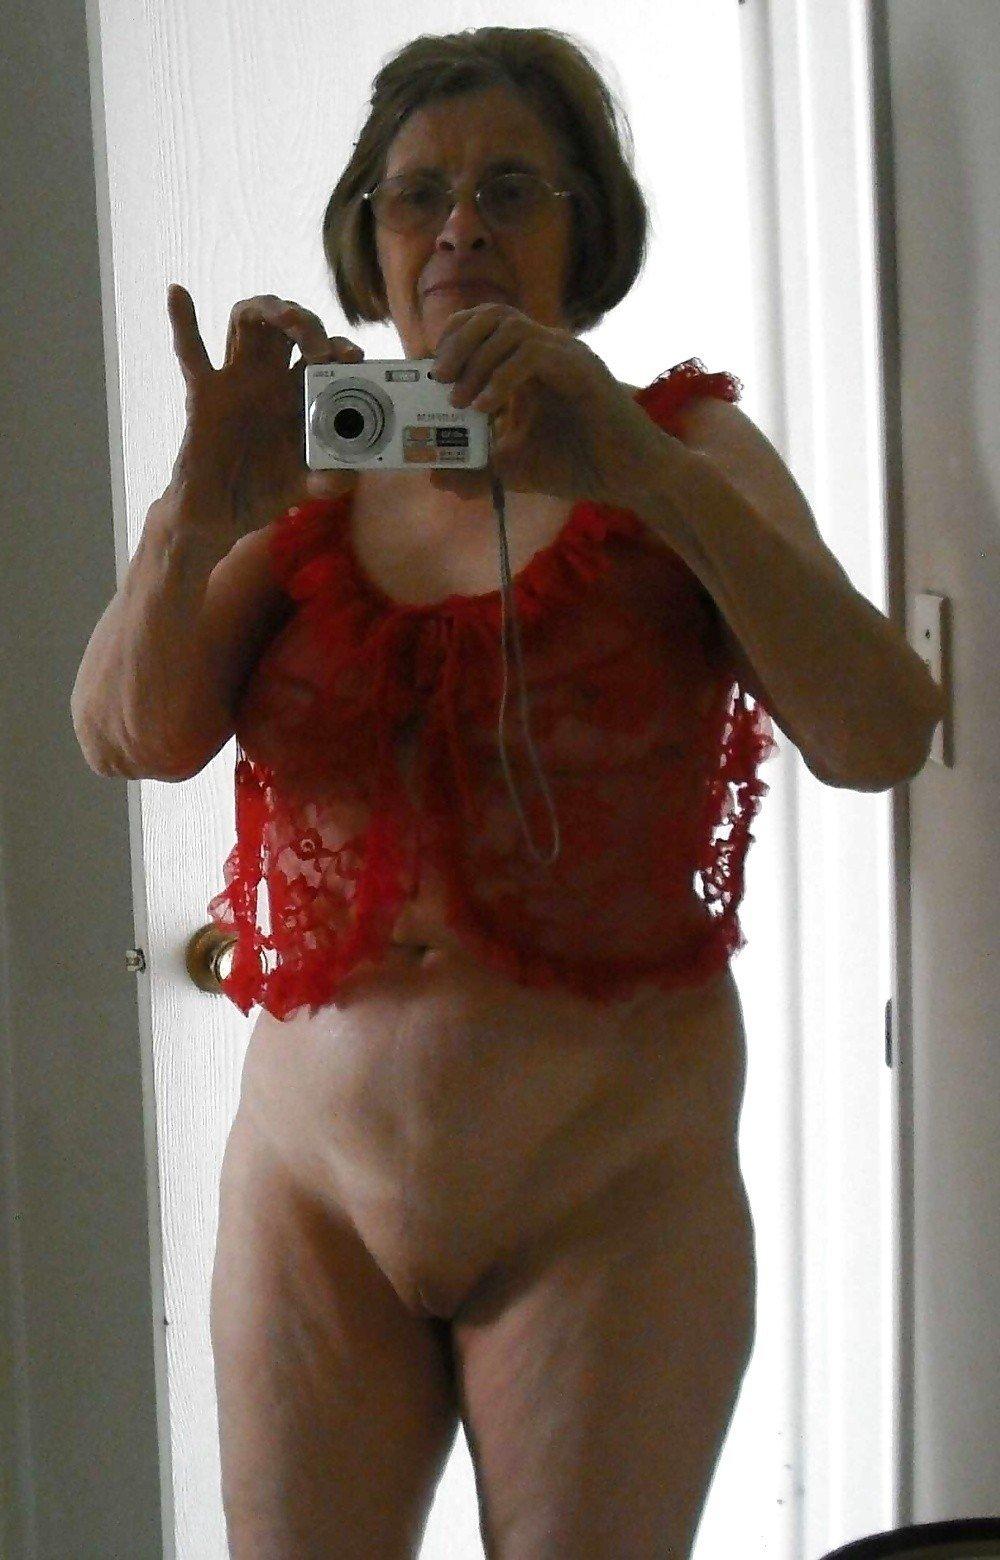 Бабки тоже любят секса, они с особым рвением засветила свои старые вагины перед камерой